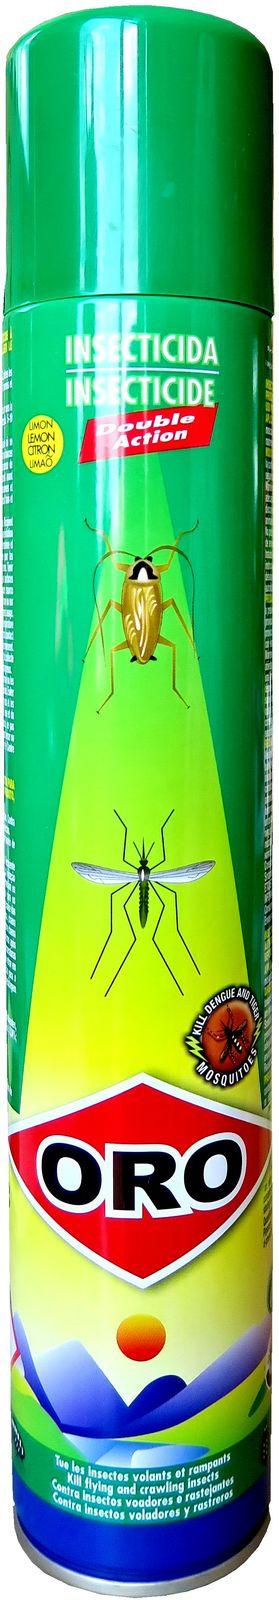 Средство ORO, двойного действия, от летающих и ползающих насекомых, с ароматом лимона, аэрозоль, 400 мл рейд аэрозоль мгновенного действия против летающих ползающих насекомых 300мл лаванда